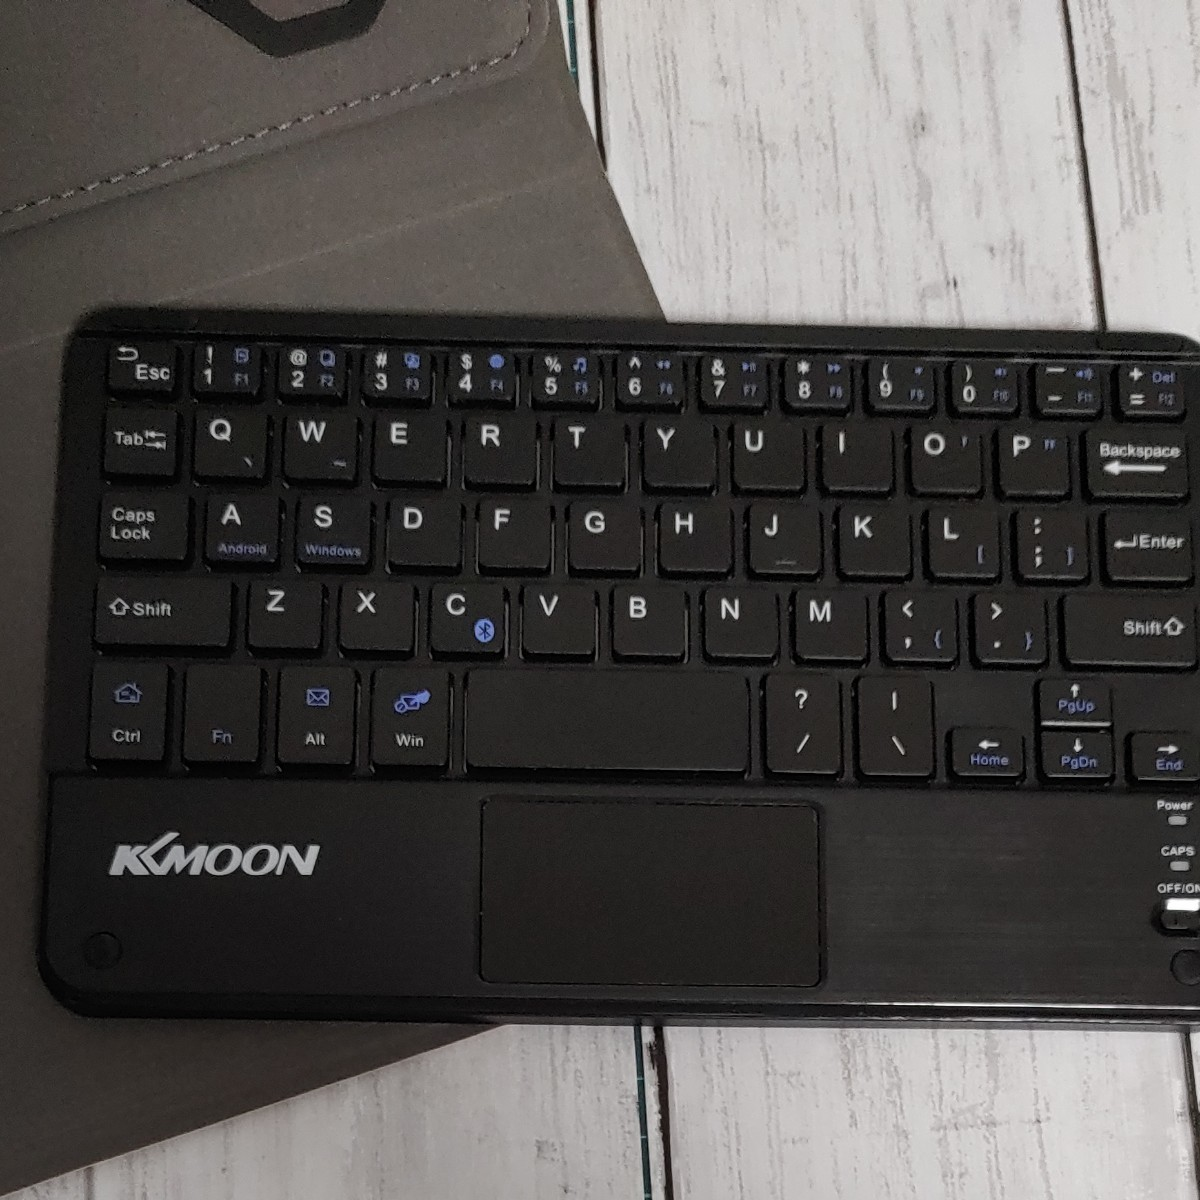 ワイヤレスキーボード 折りたたみ磁気PUレザーケース付き KKmoon 59キー